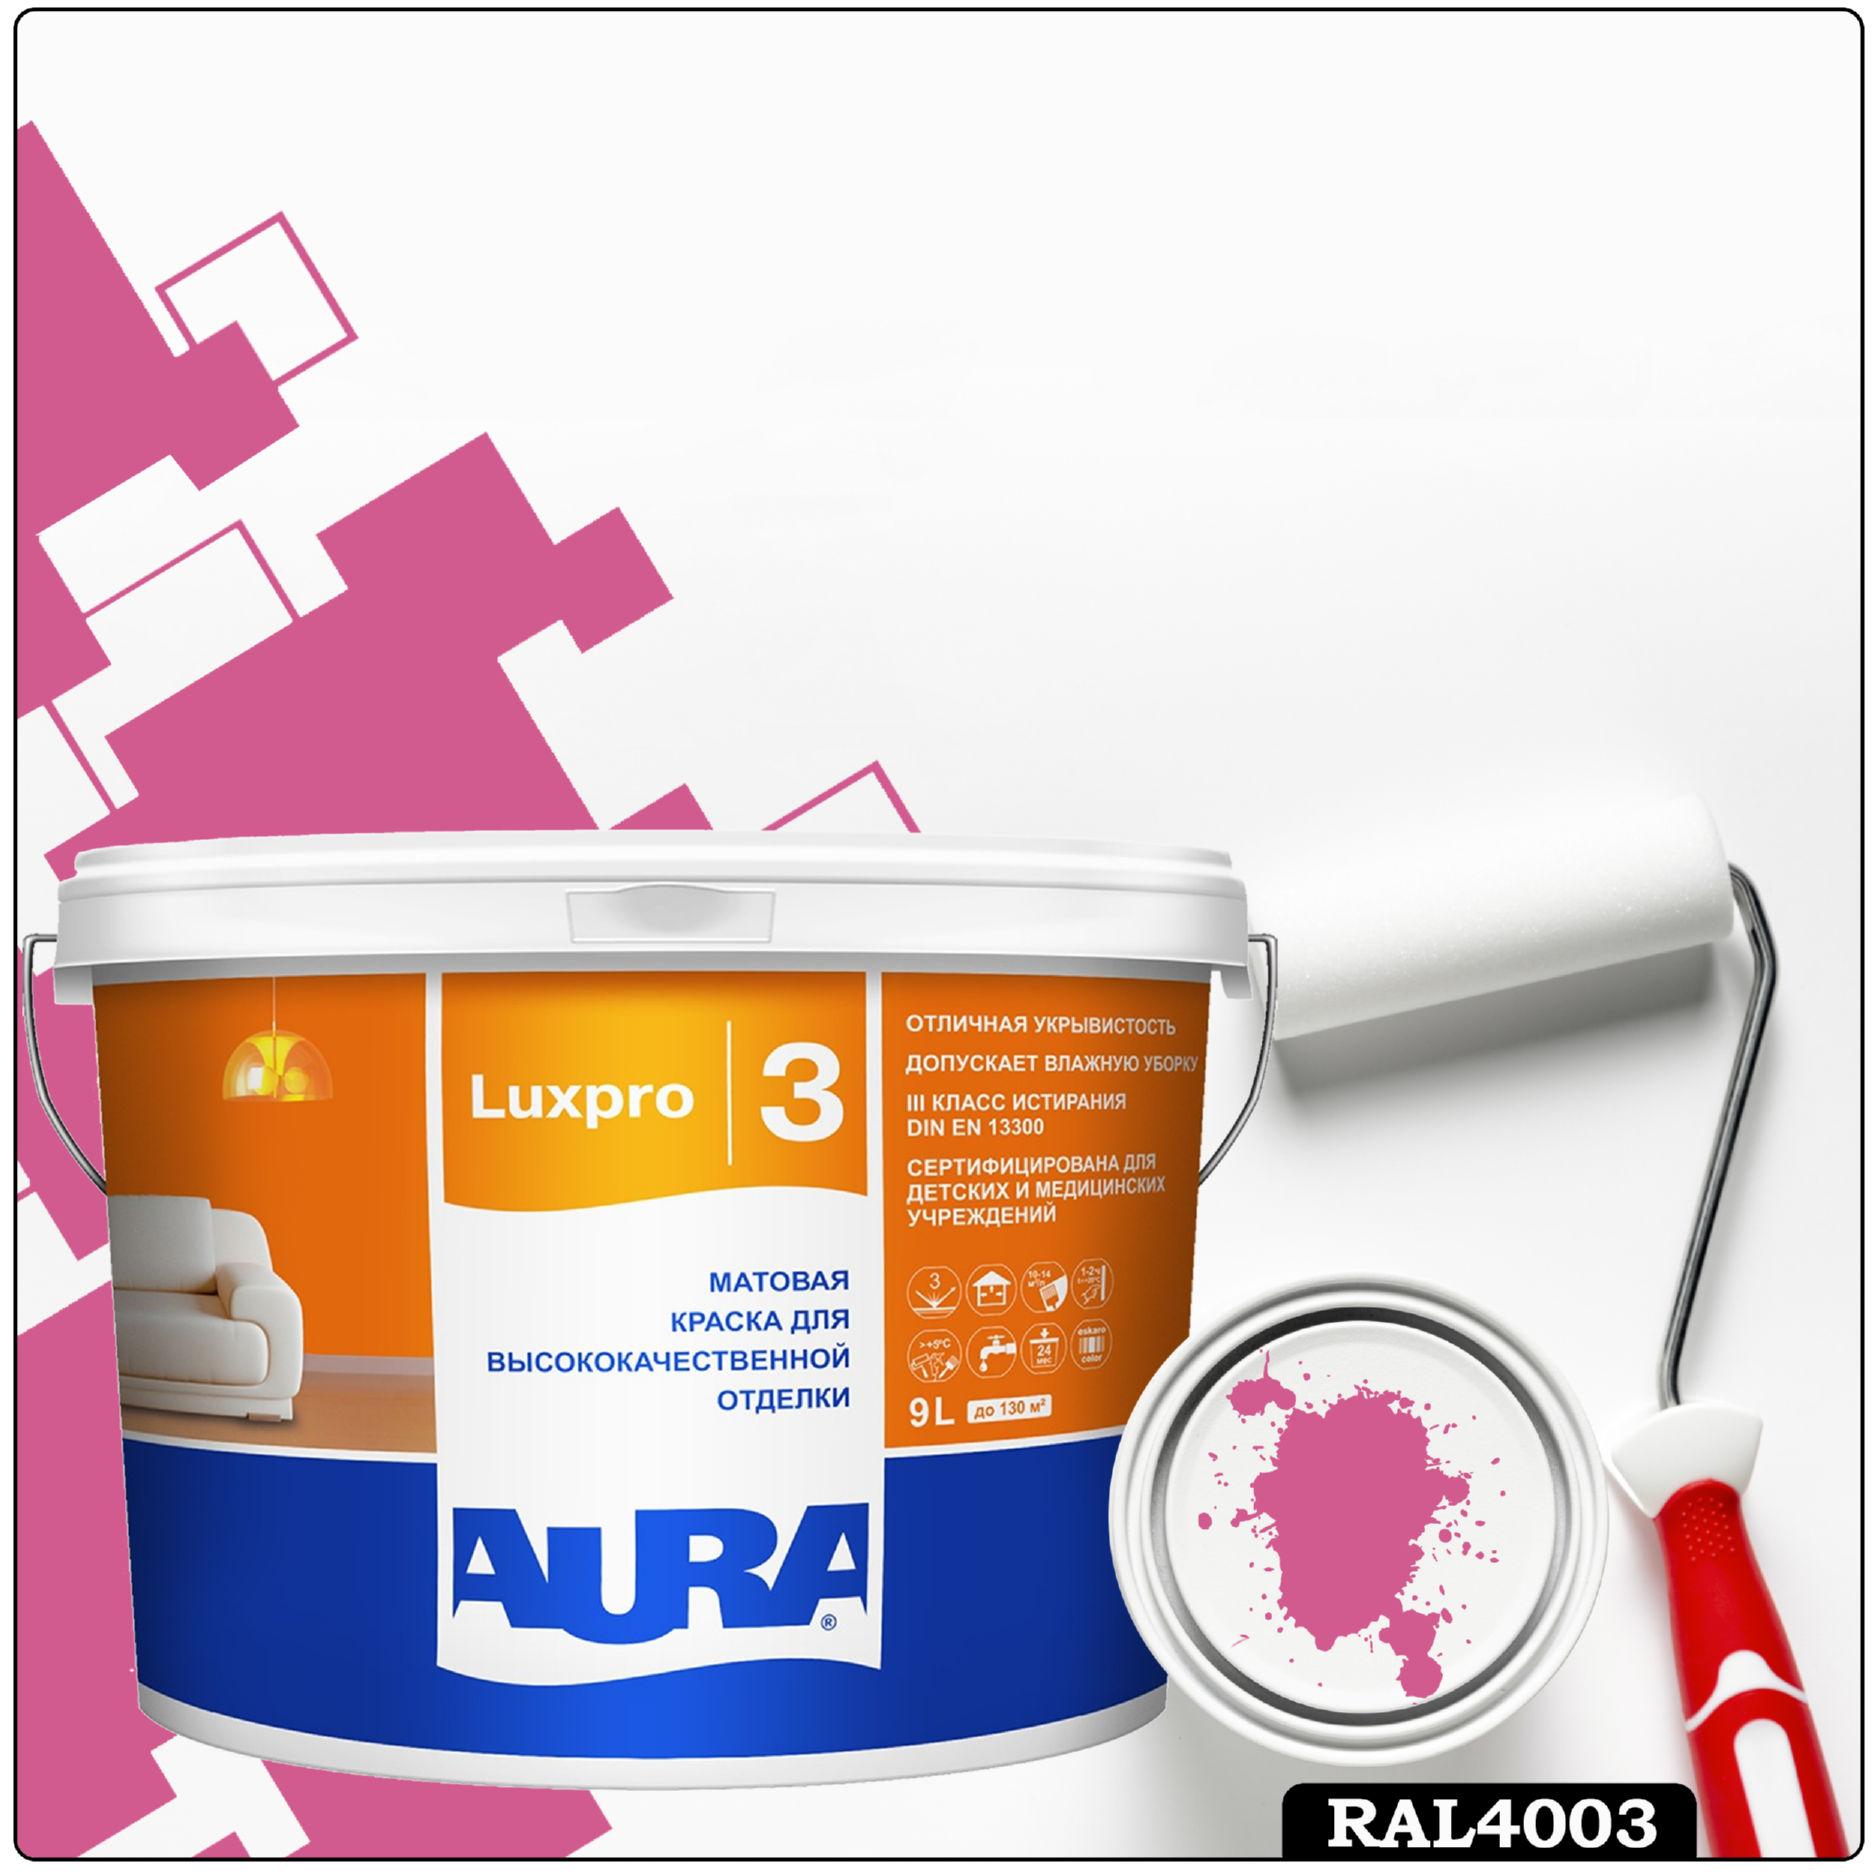 Фото 2 - Краска Aura LuxPRO 3, RAL 4003 Вересково-фиолетовый, латексная, шелково-матовая, интерьерная, 9л, Аура.